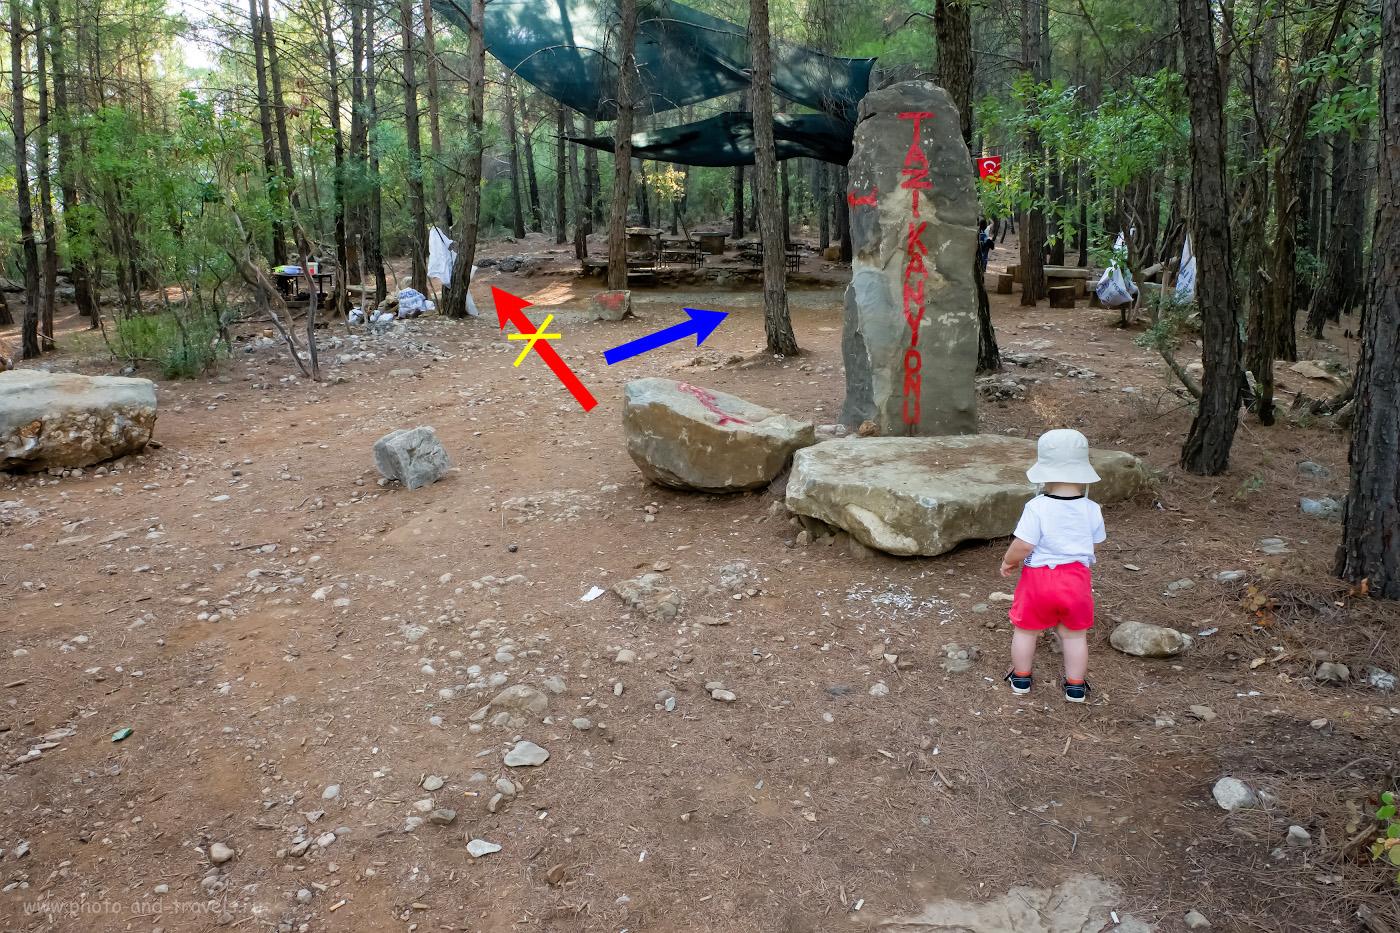 Фотография 8. Как найти каньон Тазы? Не всегда стоит верить указателям. 1/100, 10.0, 3200, -0.33, 16.